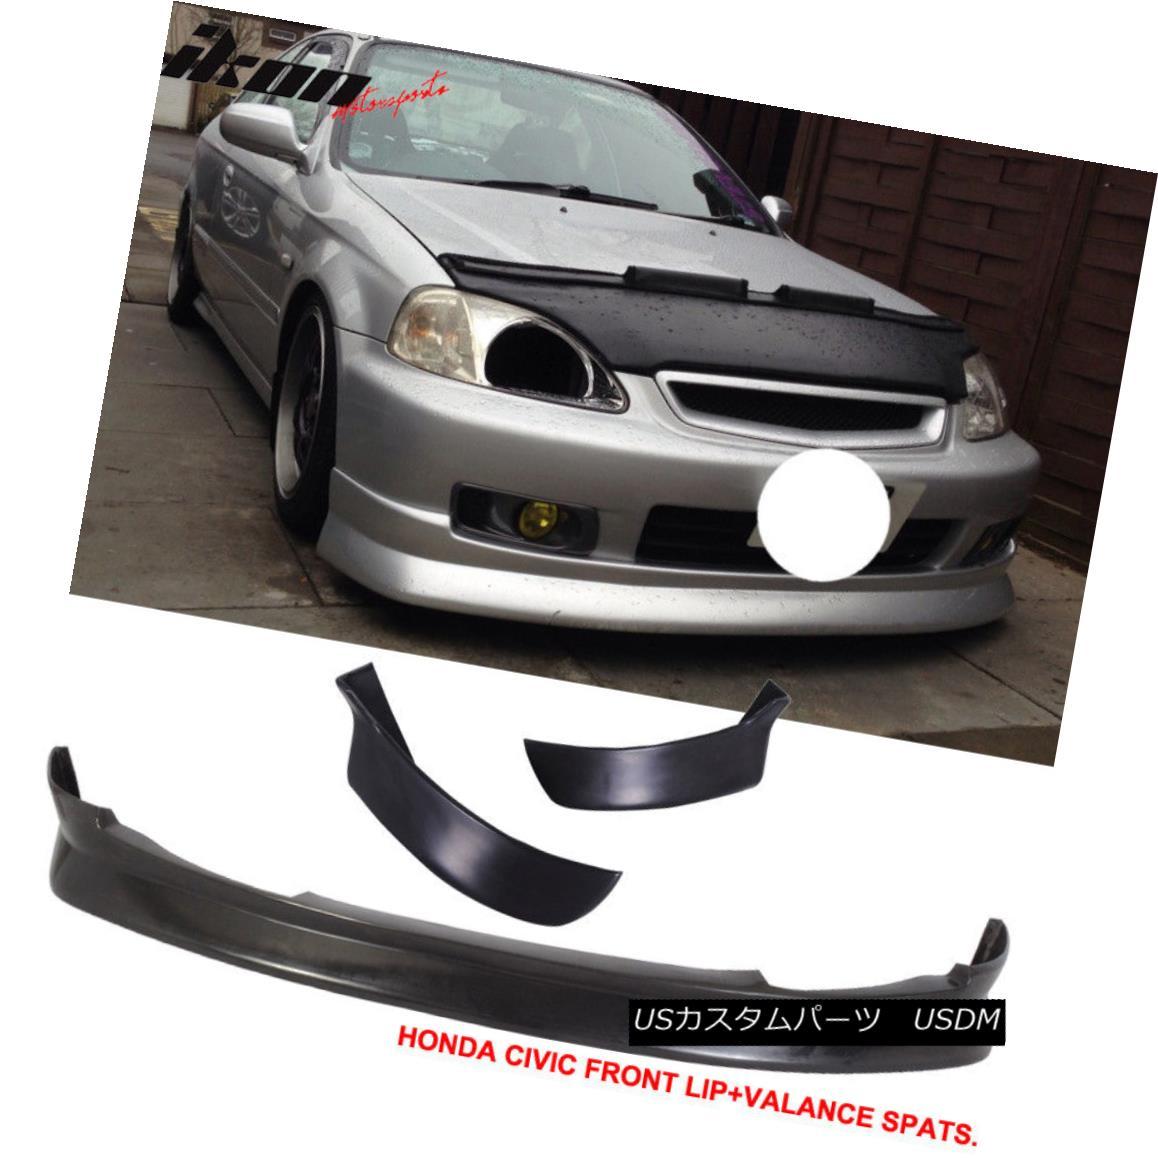 エアロパーツ Fits 99-00 Civic 3Dr CS PU Front Bumper Lip + 2PC Rear Bumper Lip Valance Spats フィット99-00 Civic 3Dr CS PUフロントバンパーリップ+ 2PCリアバンパーリップバランシングススパッツ